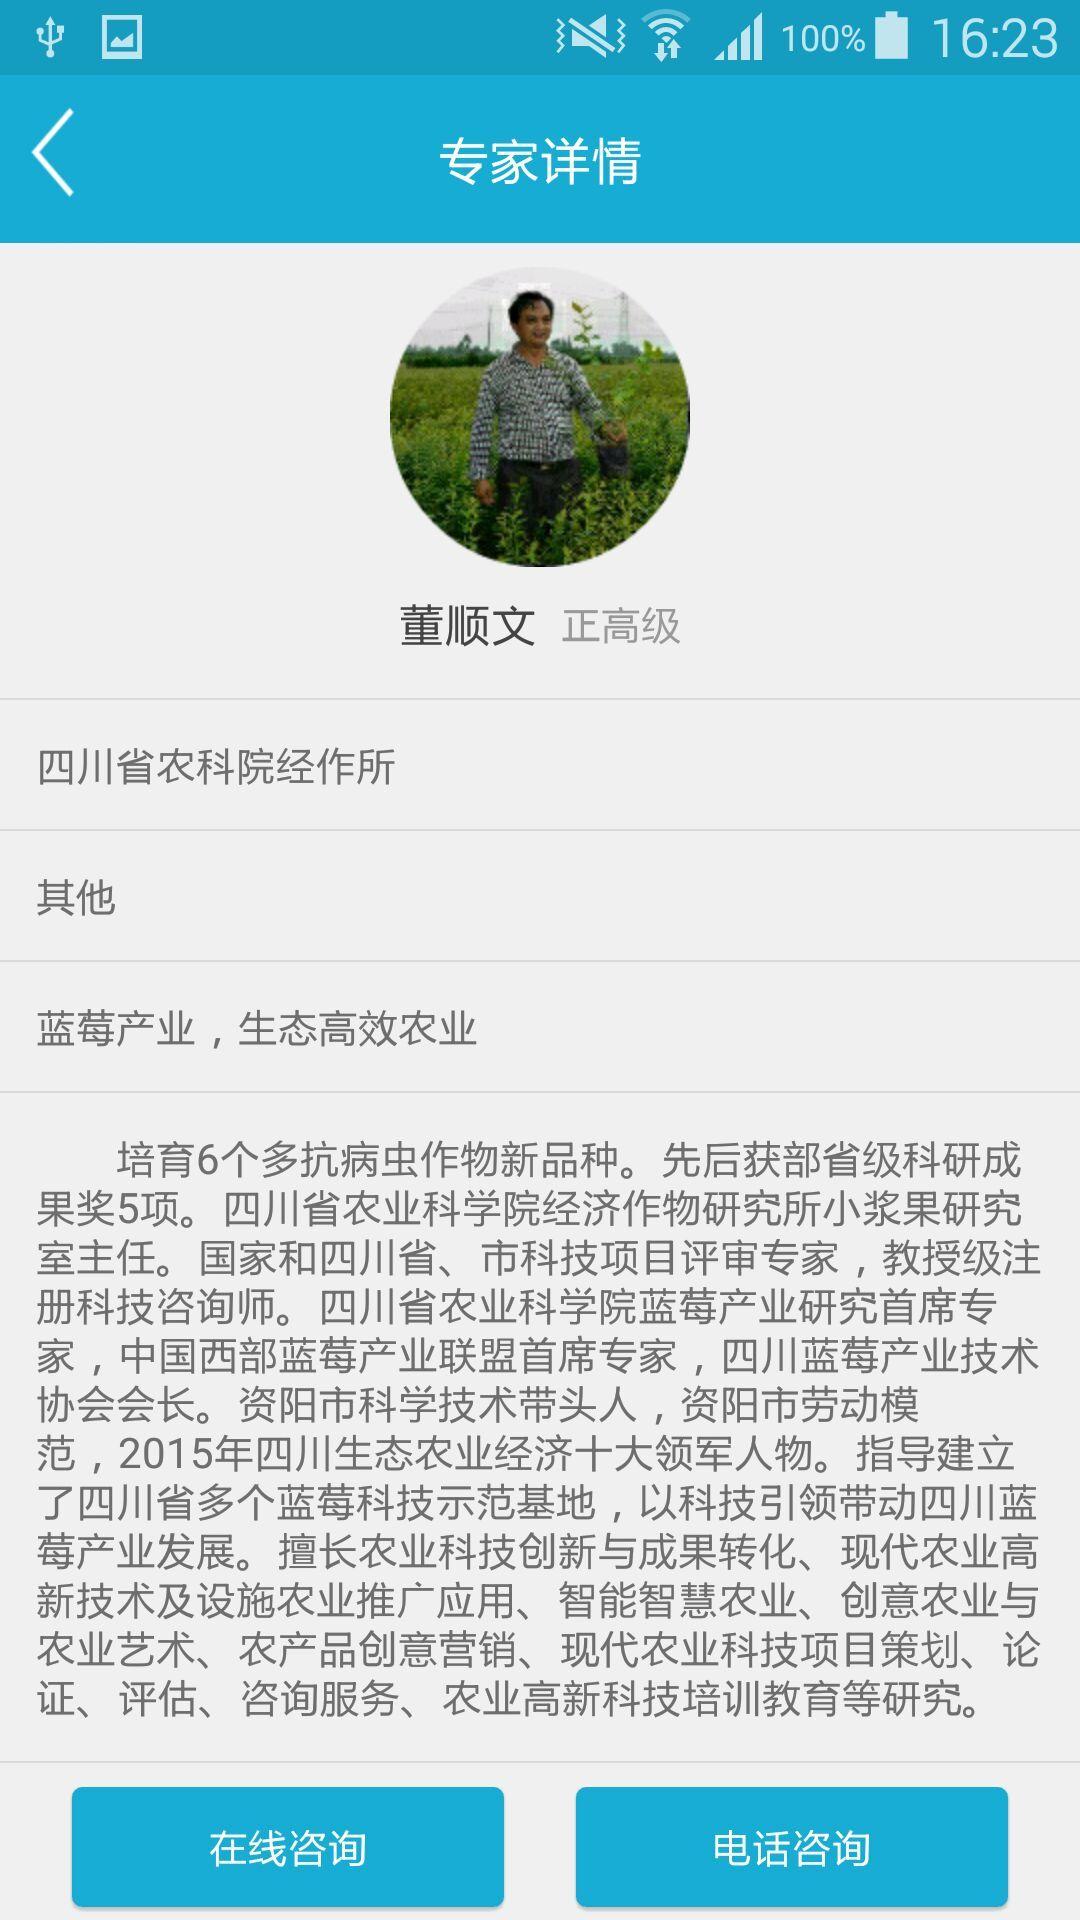 四川科技扶贫在线app图1